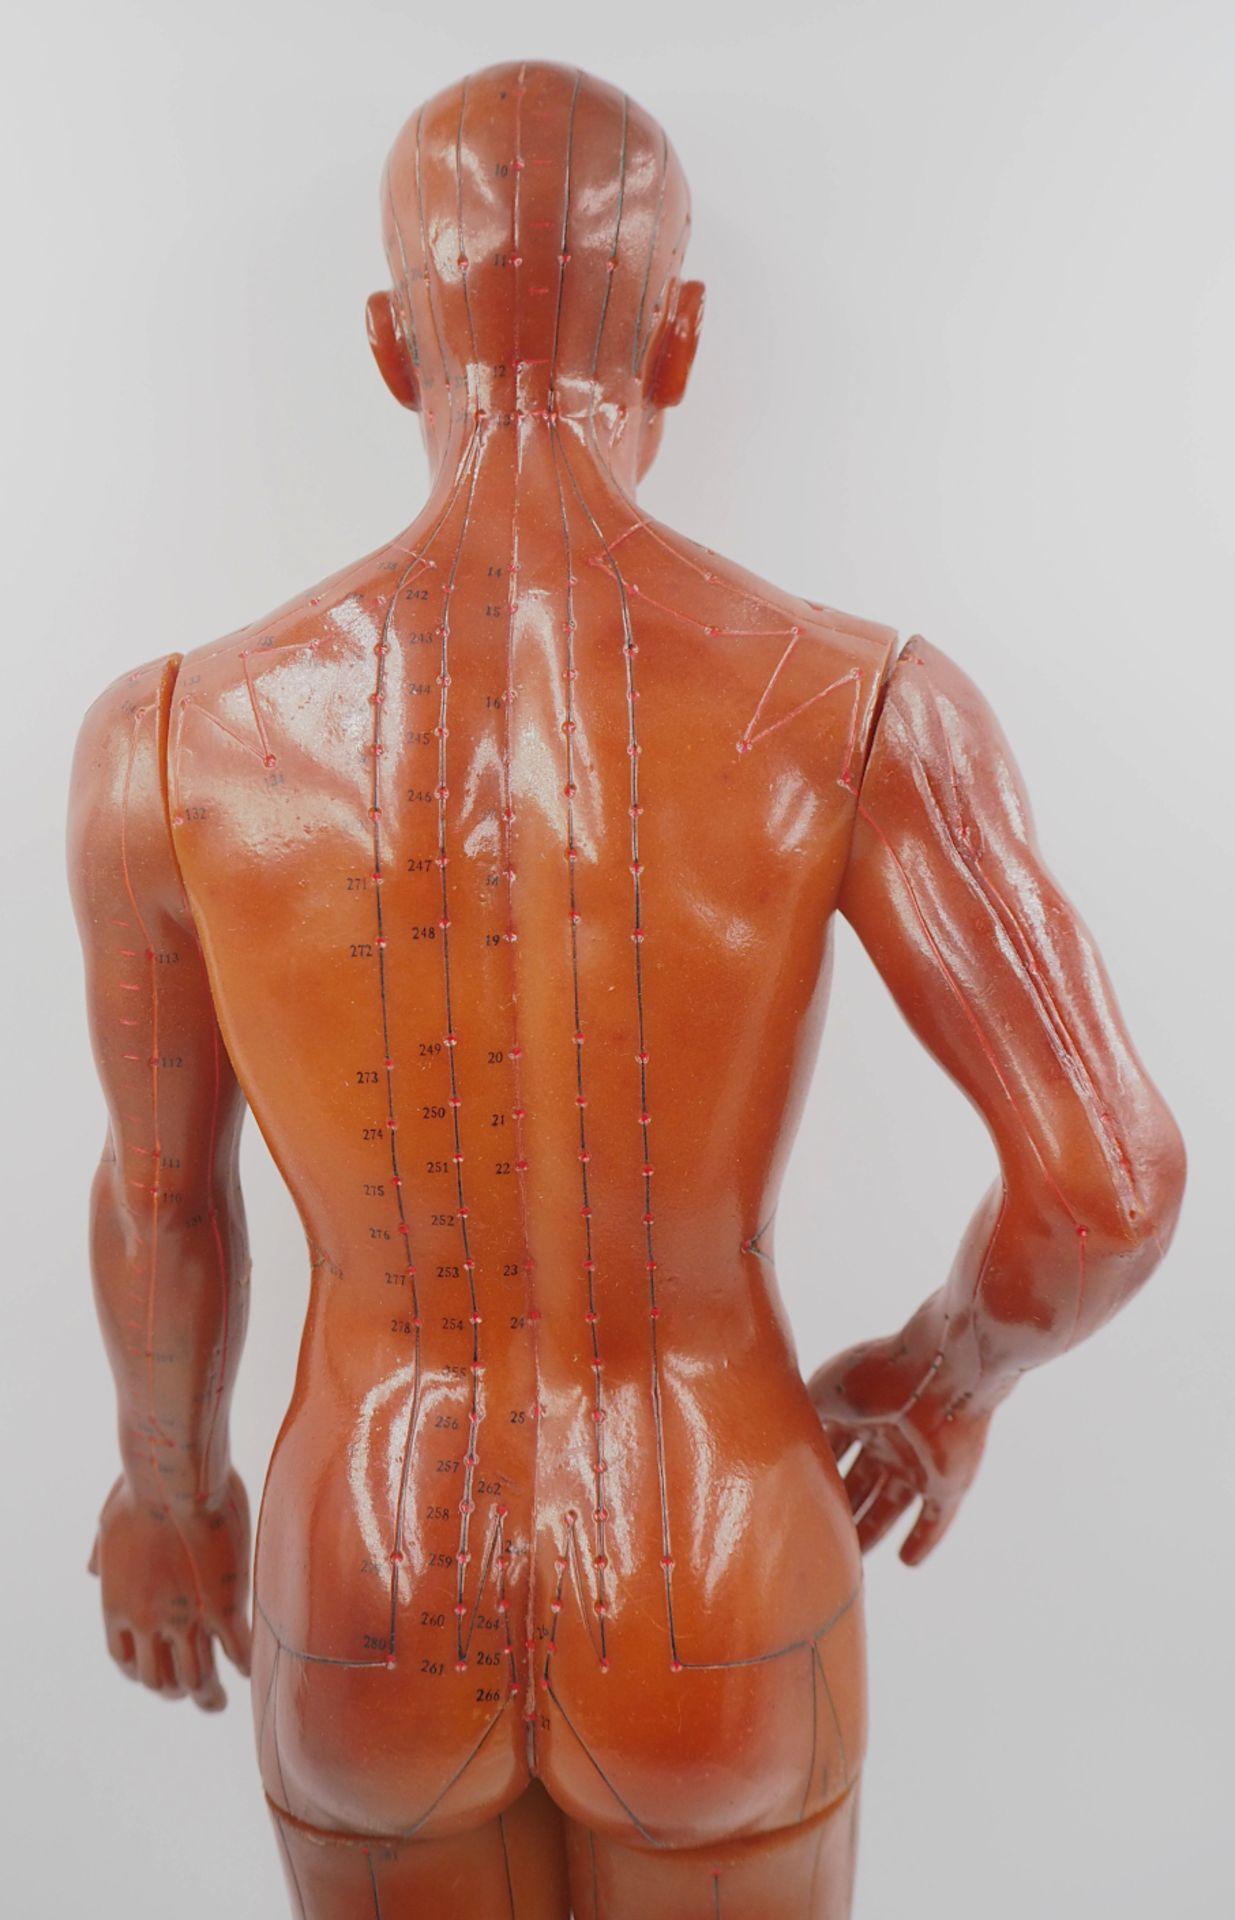 1 Akupunkturpuppe eines Mannes GOOD HEALTH BRAND, wohl Mitte 20. Jh., Japan Kunststoff - Bild 2 aus 7